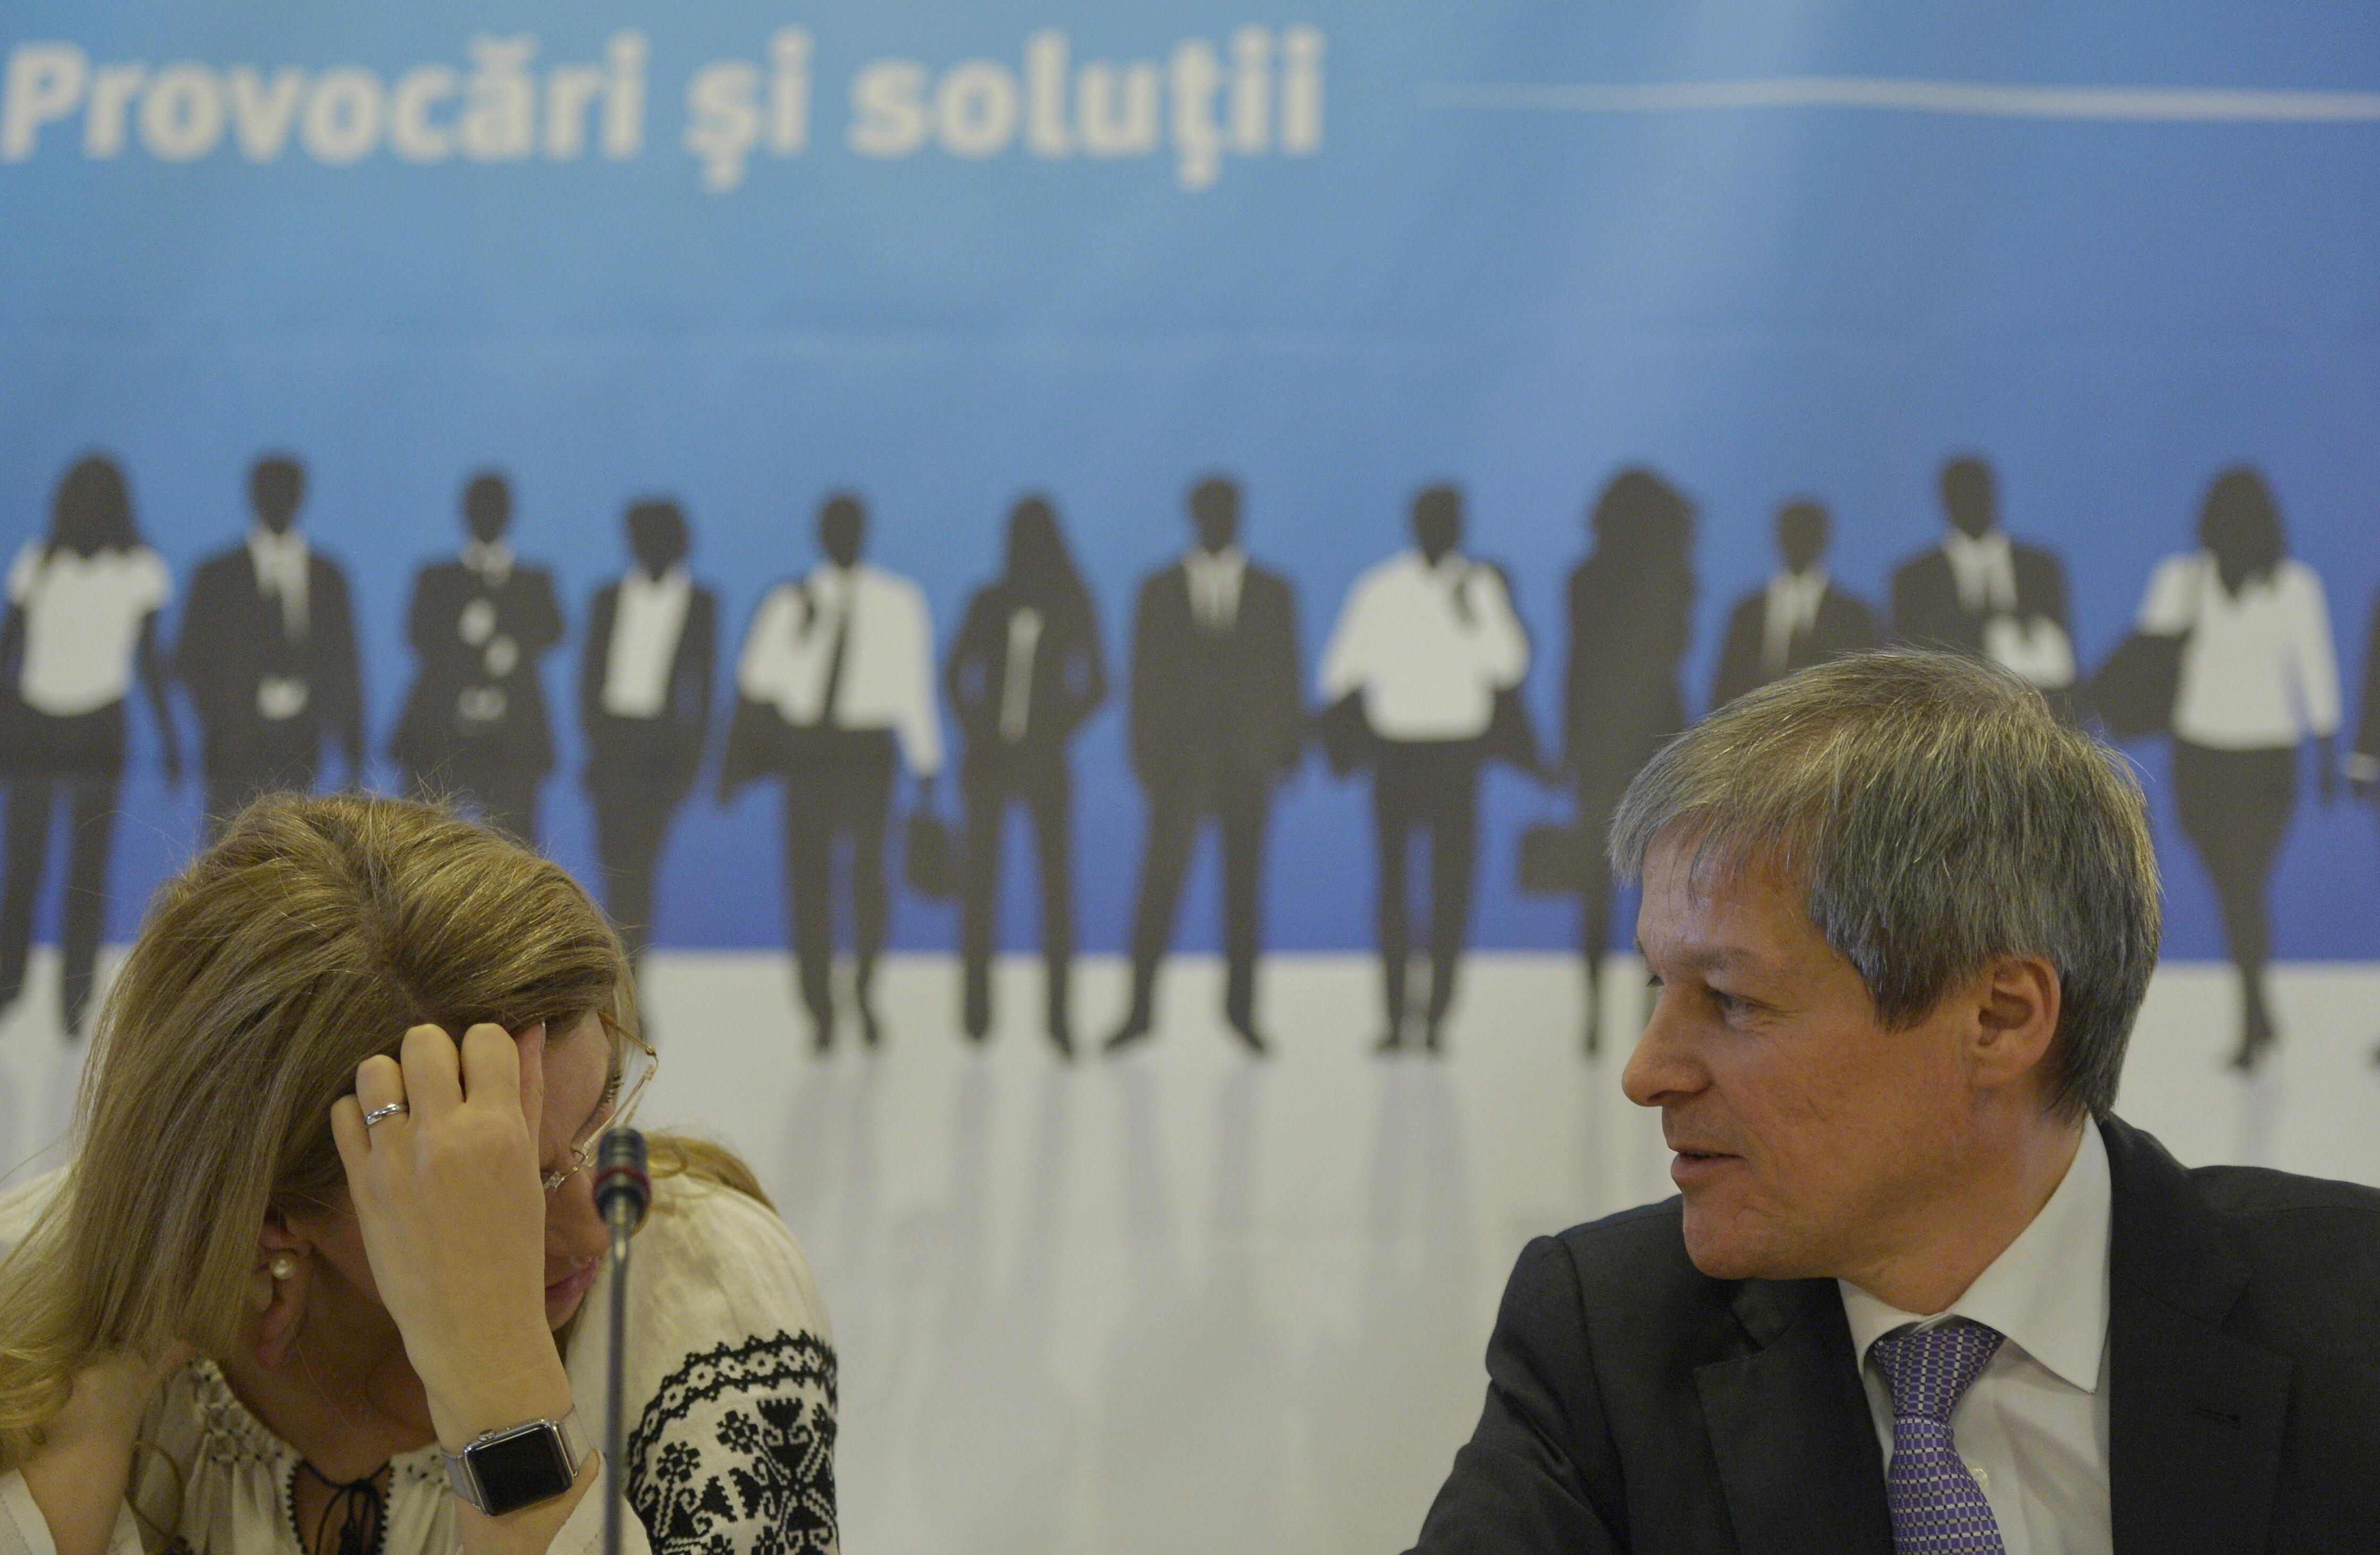 Dupa refuzul lui Ciolos, liberalii isi joaca ULTIMA CARTE. PLANUL PNL pentru a obtine alegerea primarilor in doua tururi